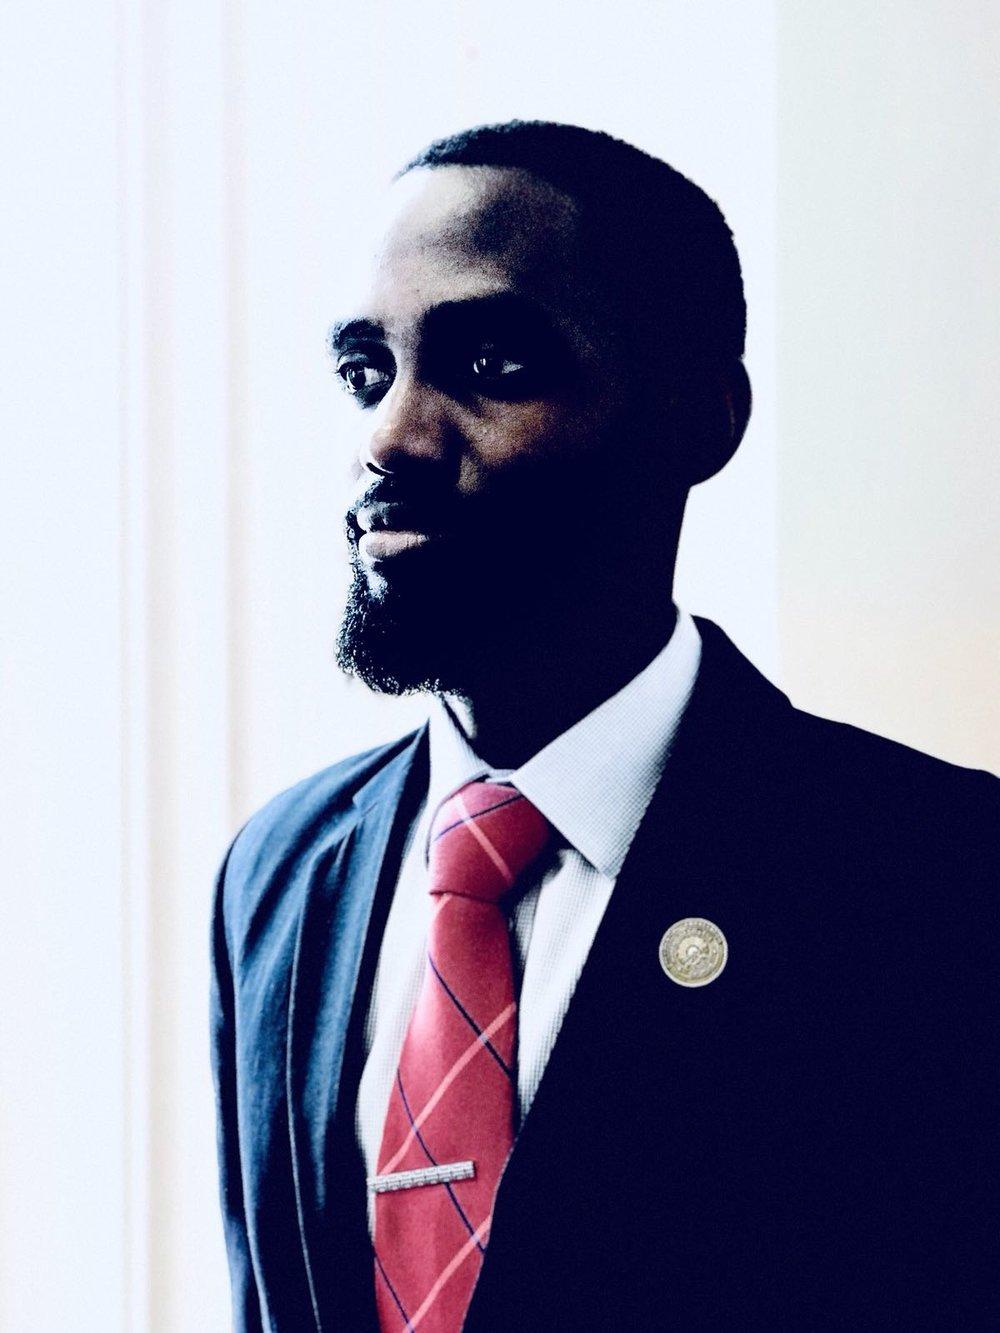 Brandon Kabagambe '18